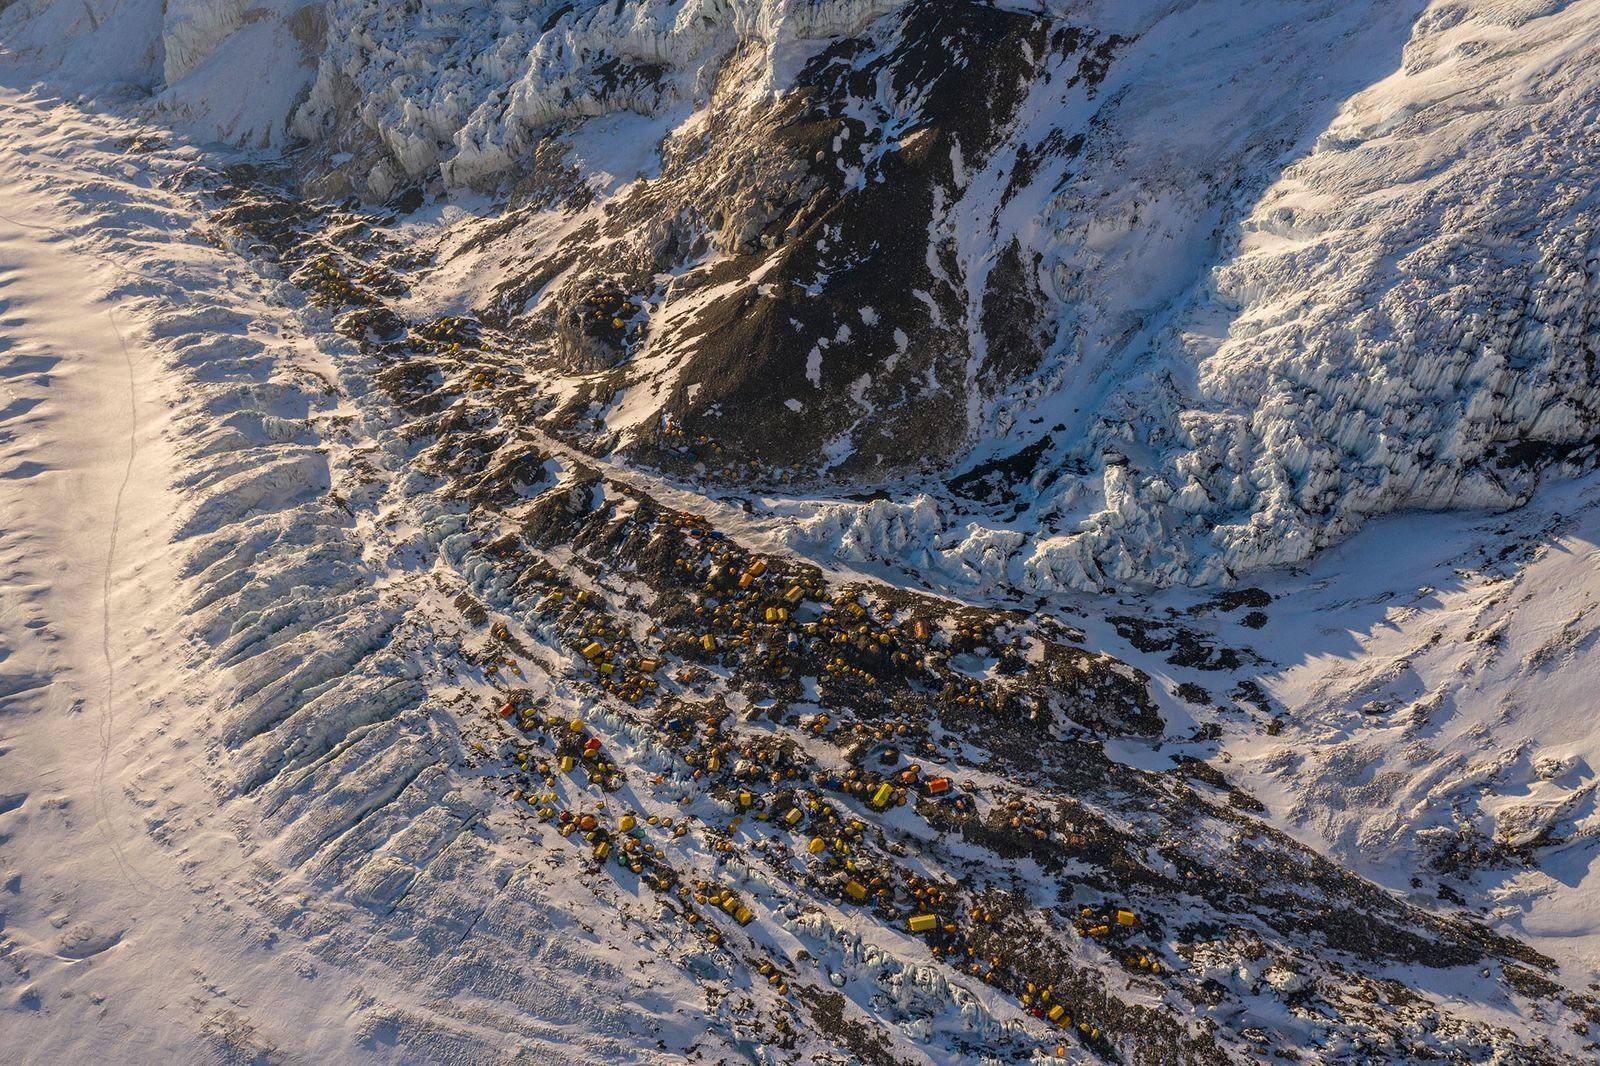 Ci-dessus, le camp n°2 de l'Everest ponctué de tentes. Au cours du printemps 2019, une équipe ...